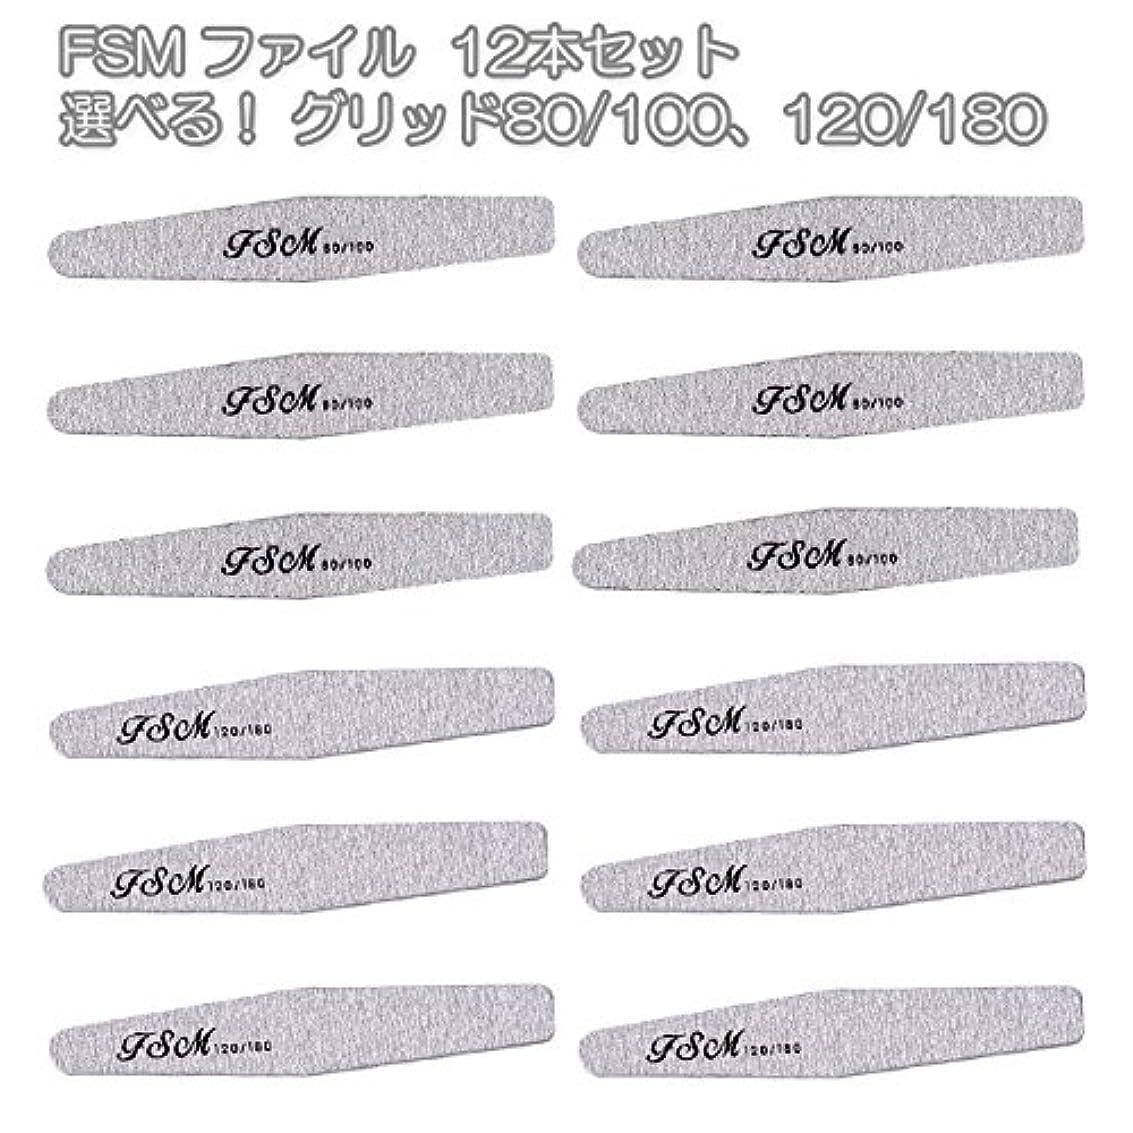 FSM ネイルファイル/バッファー12本セット(選べる!グリッド80/100、120/180) (G80/100の12本)